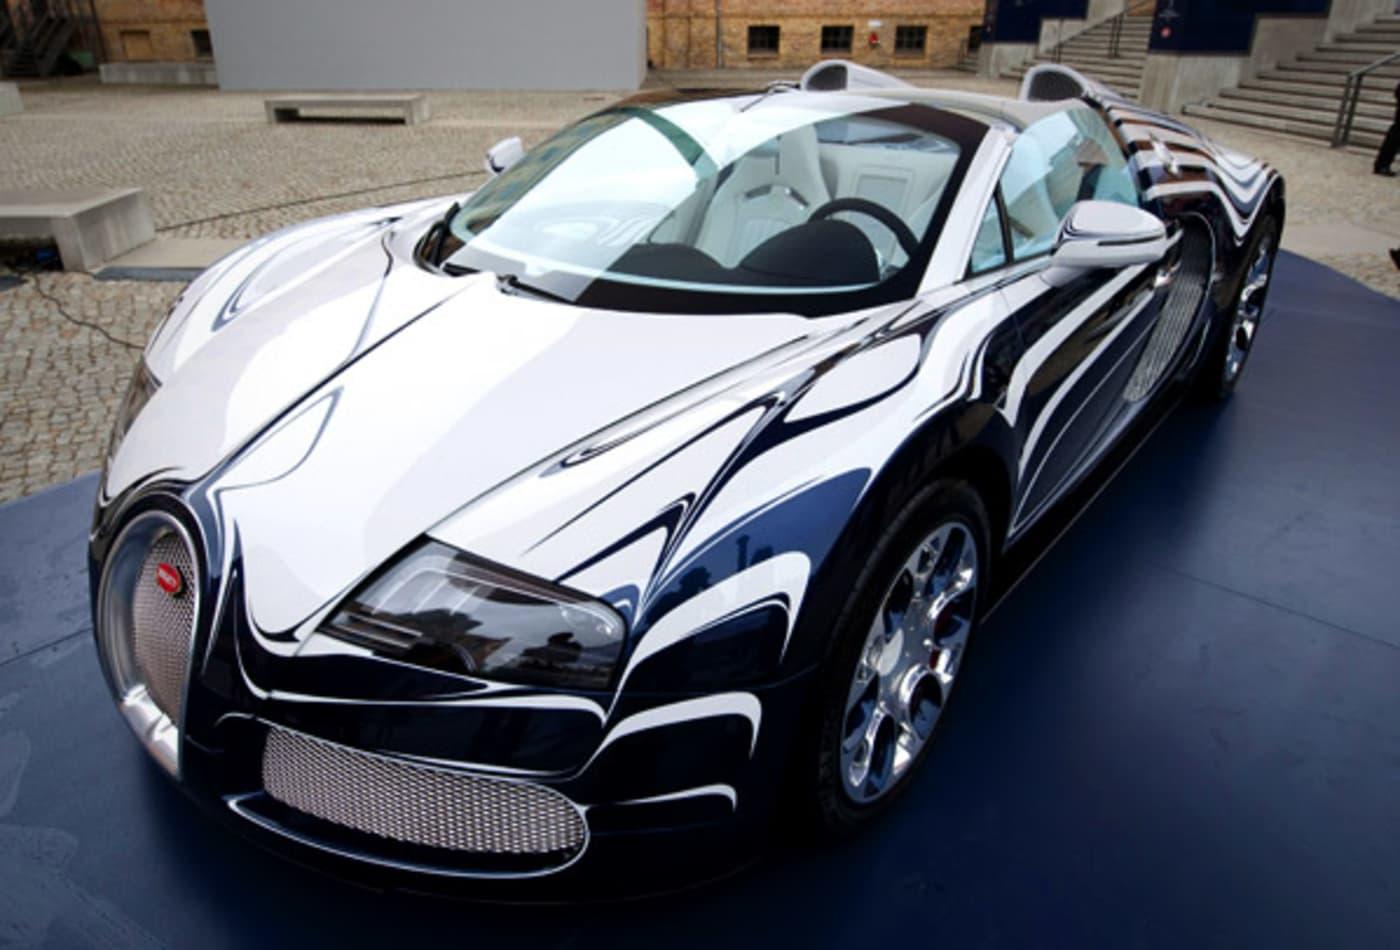 SS_Million_Dollar_Cars_Bugatti_Veyron_16_4.jpg